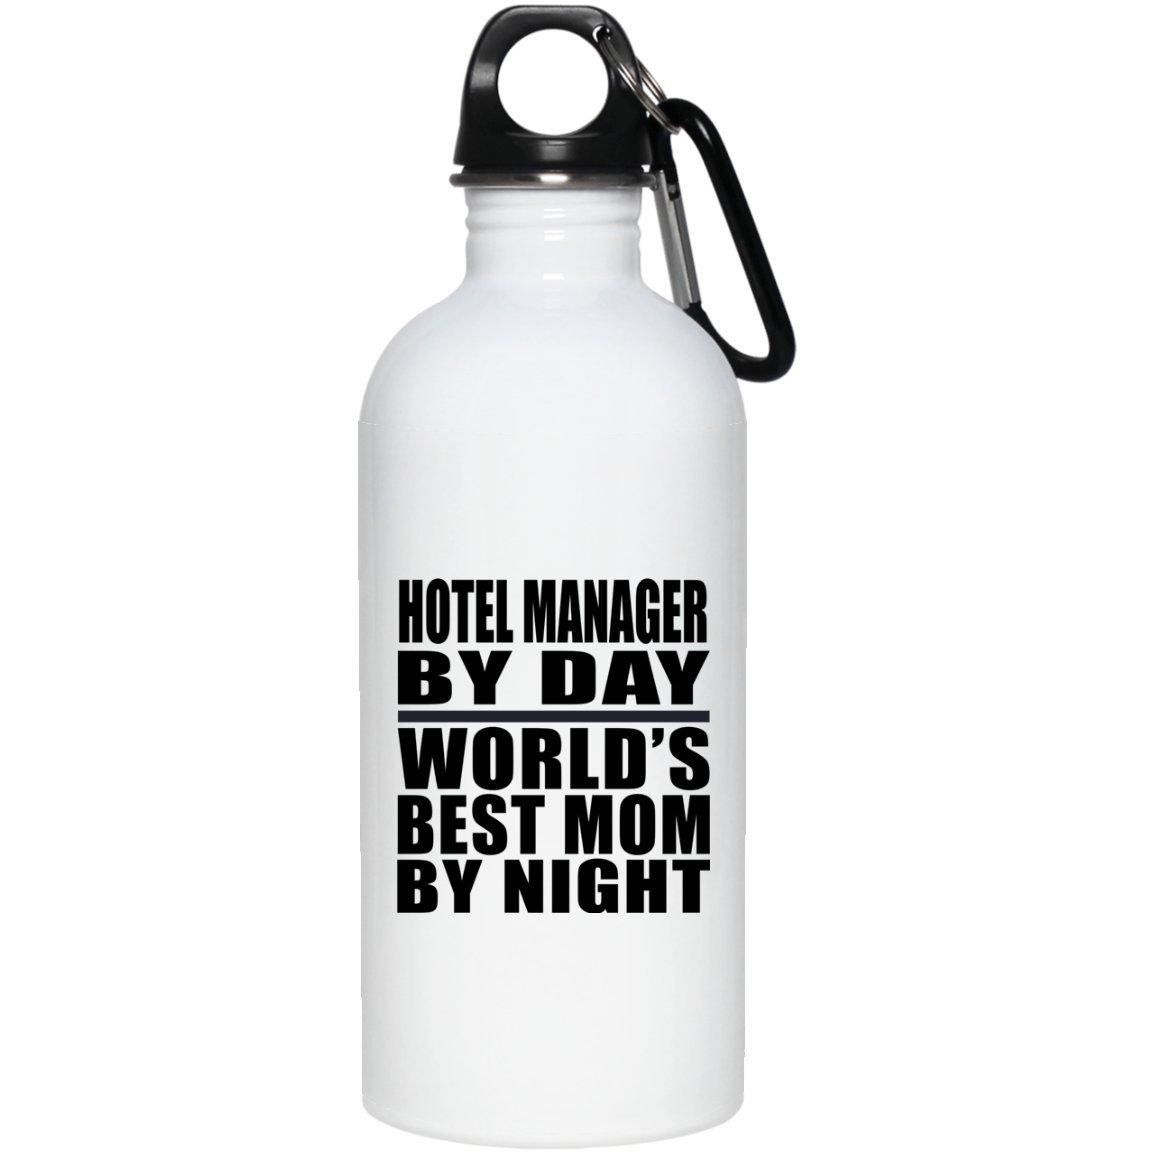 Designsify Botella de Agua mamá de día por día con Aislamiento de Acero Inoxidable, Madre, Madre, Madre, Hija, Hija, Hijo, Marido